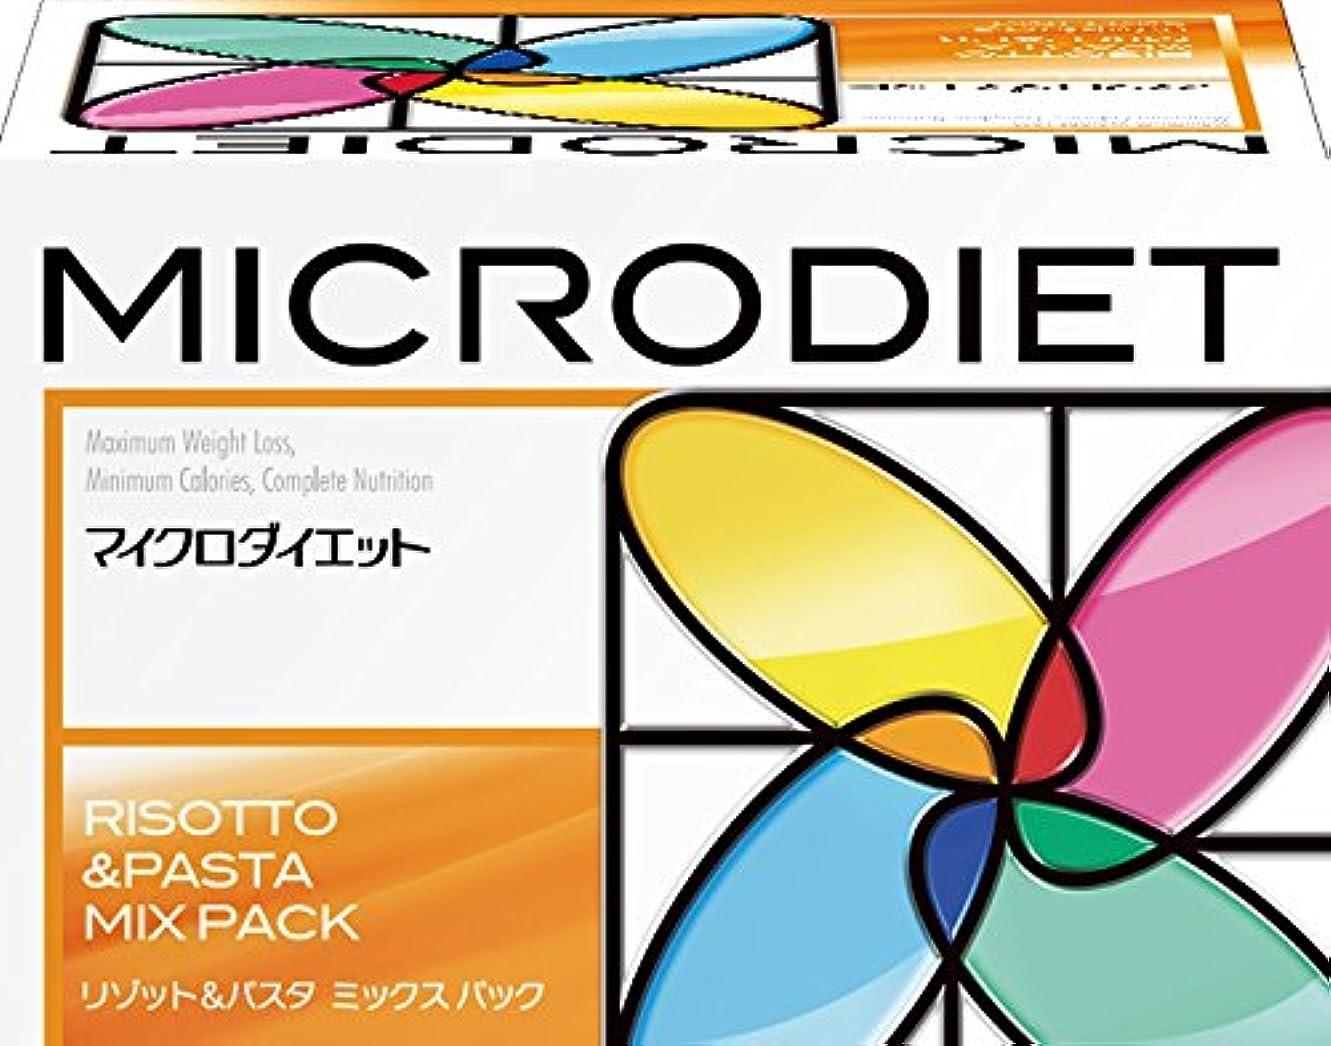 磨かれた上回るパイントマイクロダイエット リゾット&パスタミックスパック(0007329)